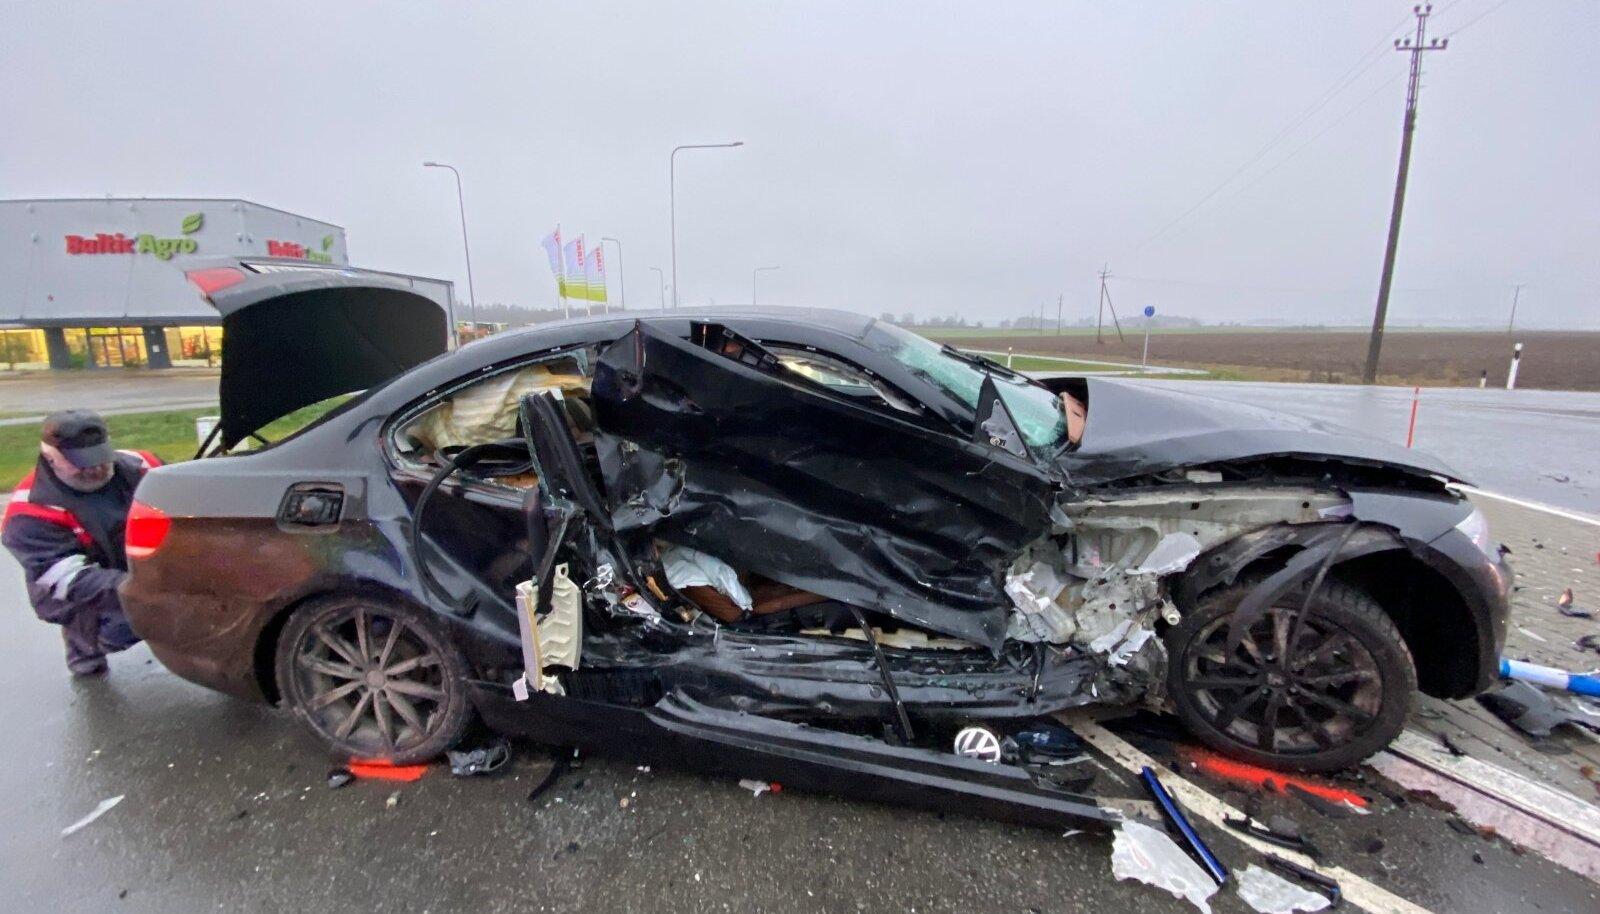 Õnnetus Tallinna-Tartu maanteel, kus põrkasid kokku BMW ja Volkswagen.